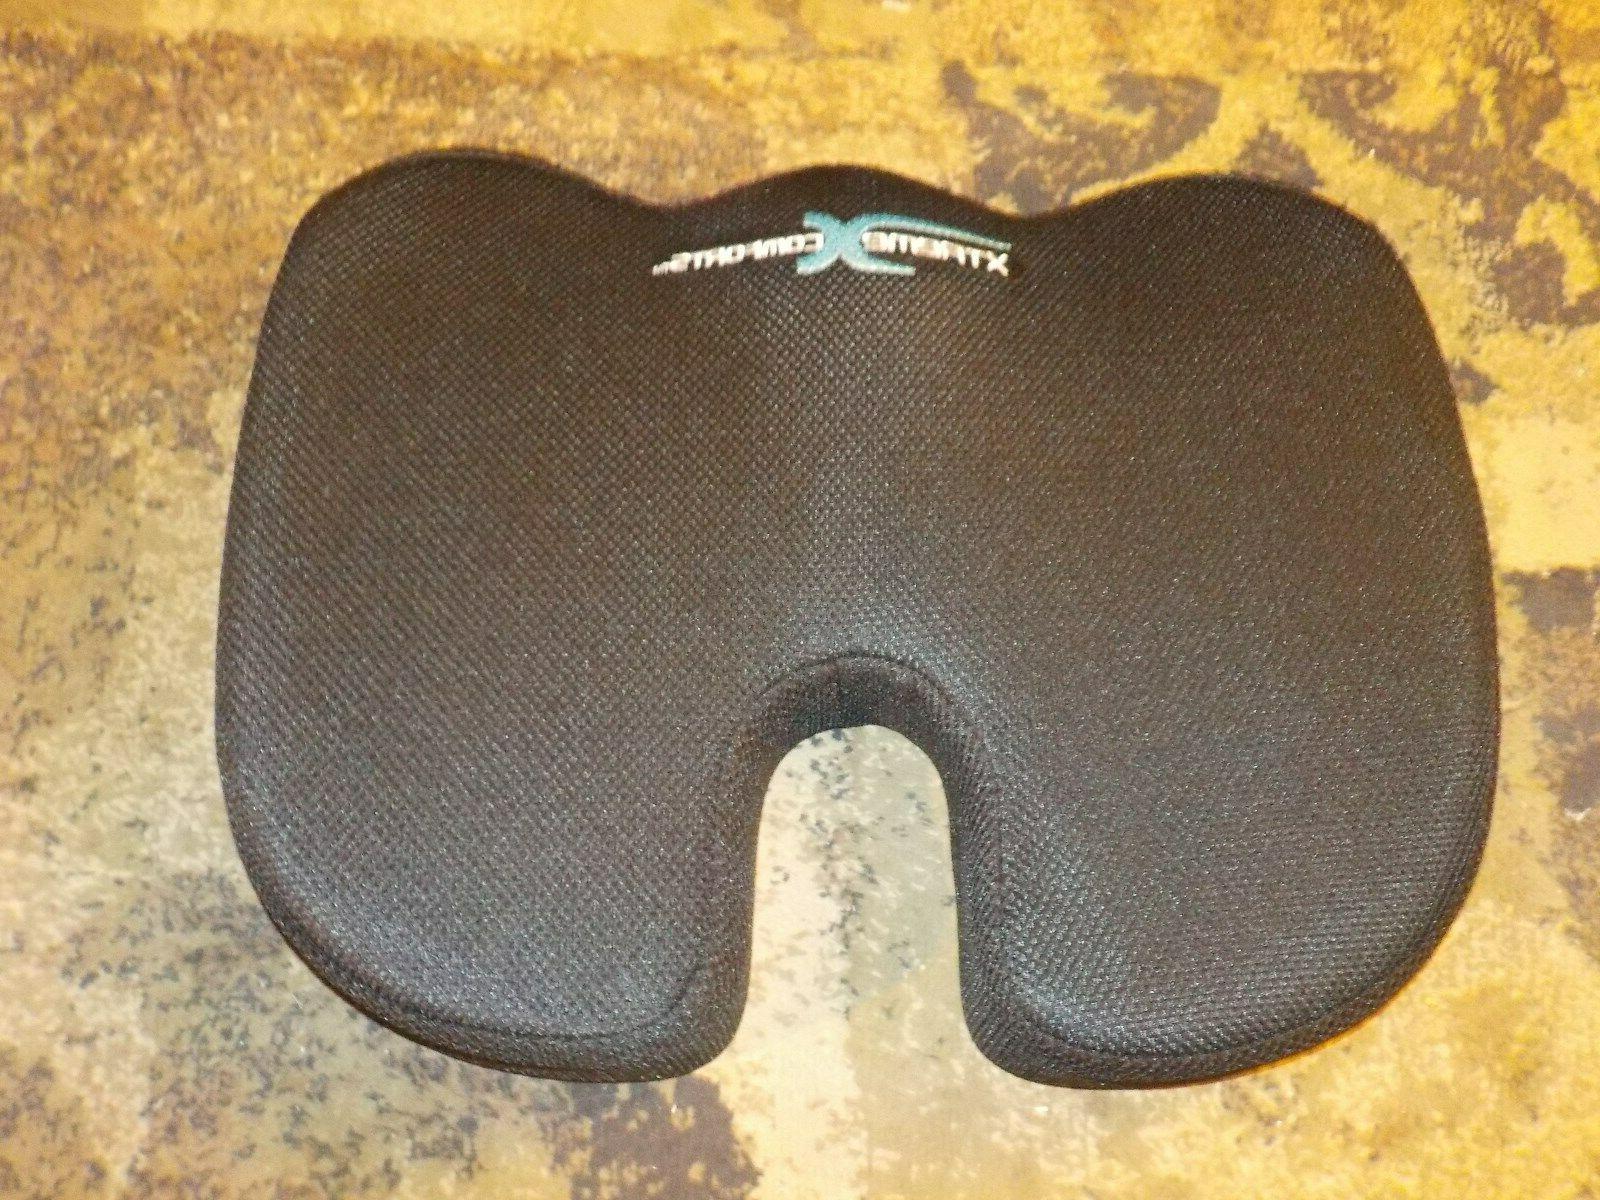 coccyx orthpedic seat cushion by